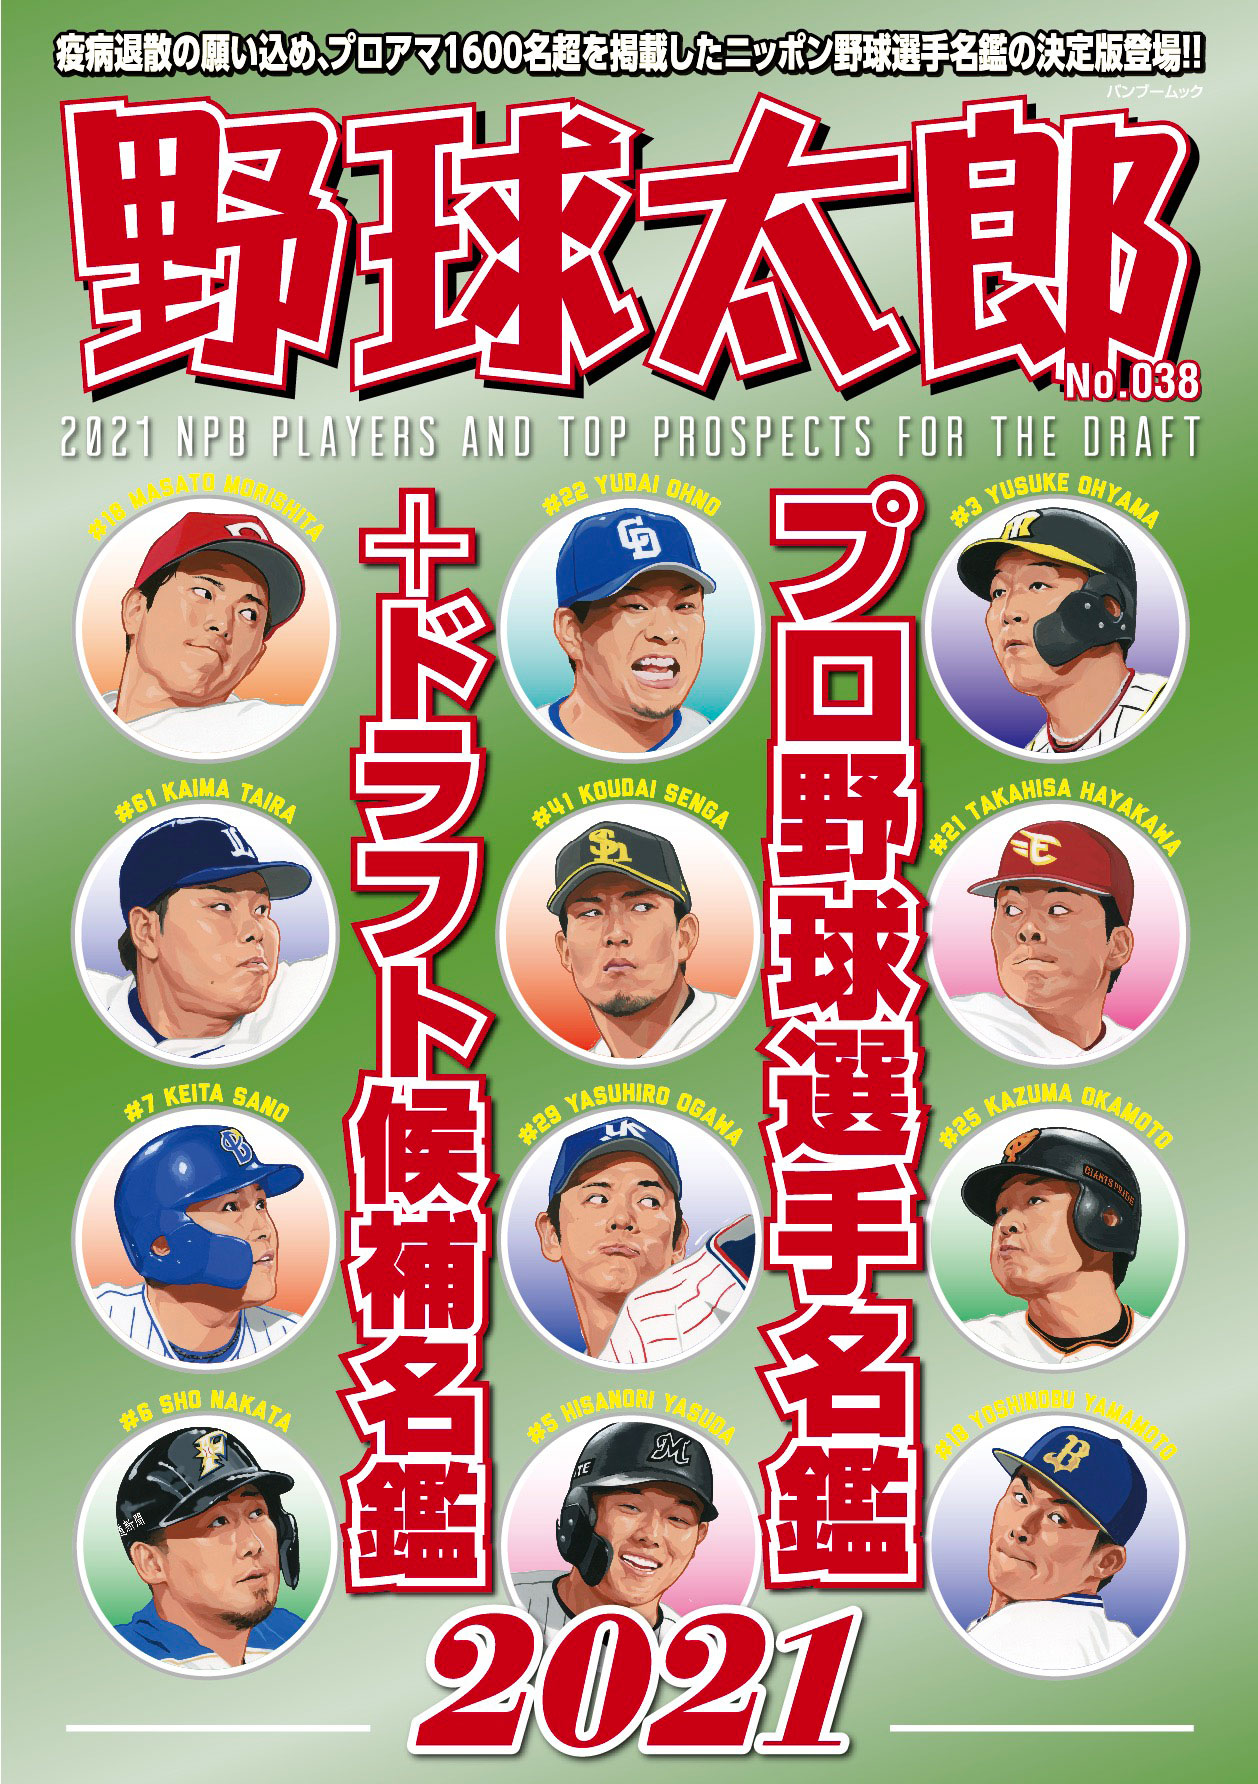 『野球太郎No.038』中学生(新高1)からプロまで日本野球界を一気通貫で1600名以上掲載する選手名鑑号は25日発売です!